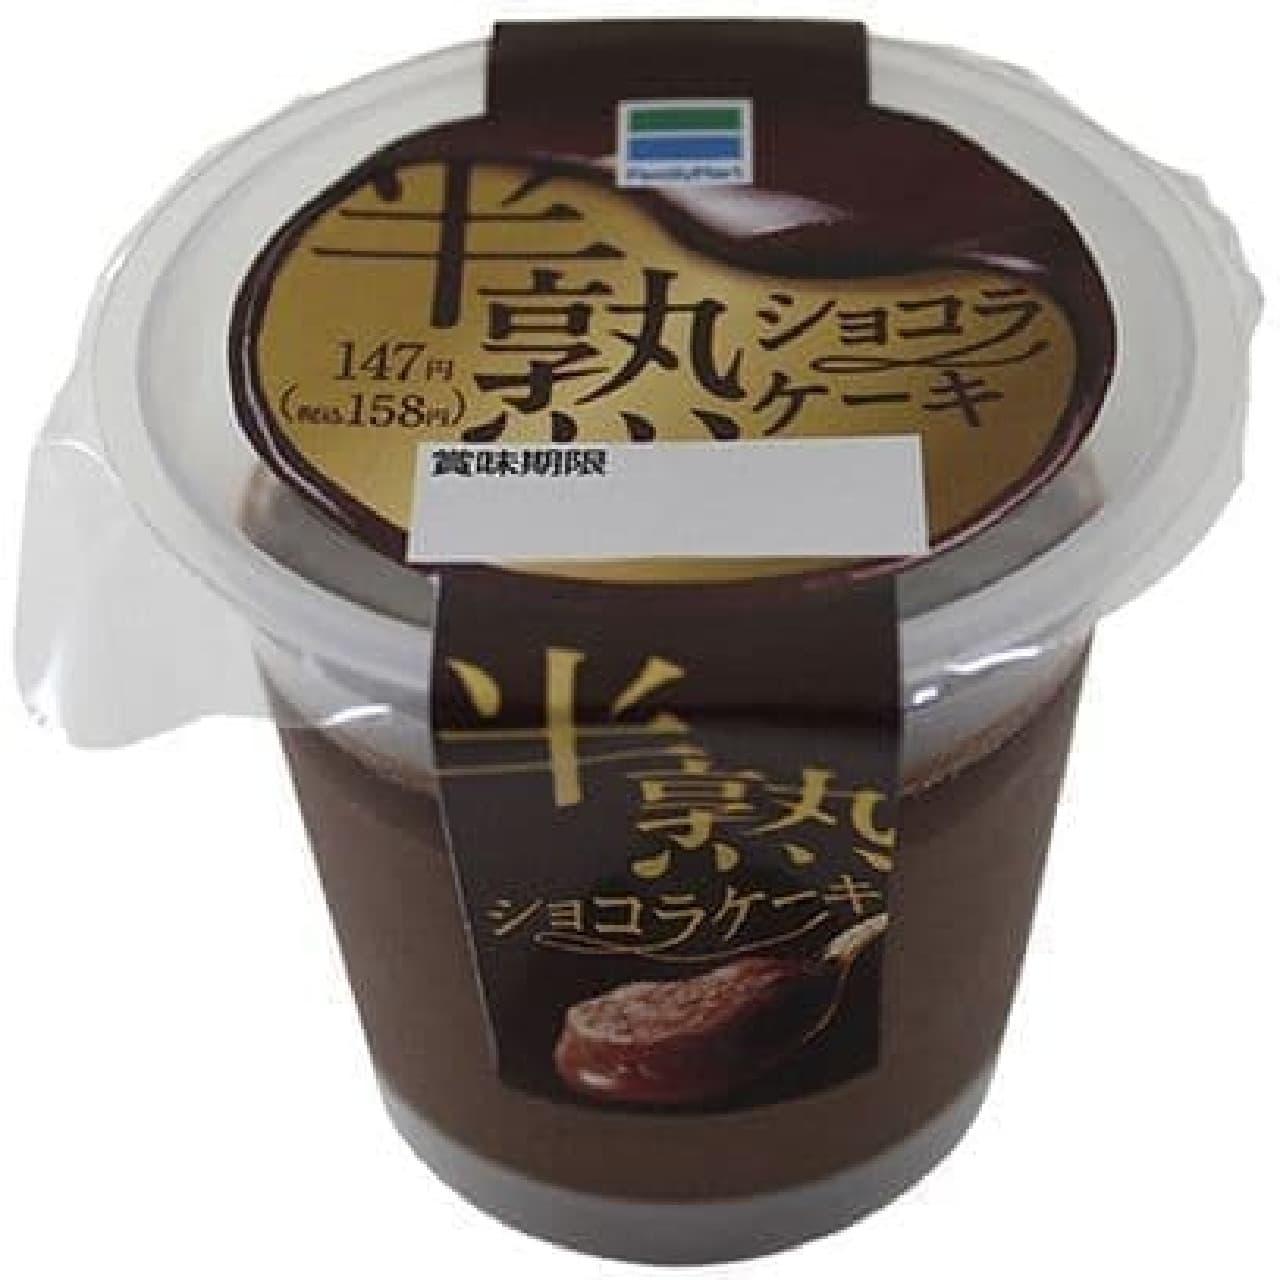 ファミリーマート「半熟ショコラケーキ」